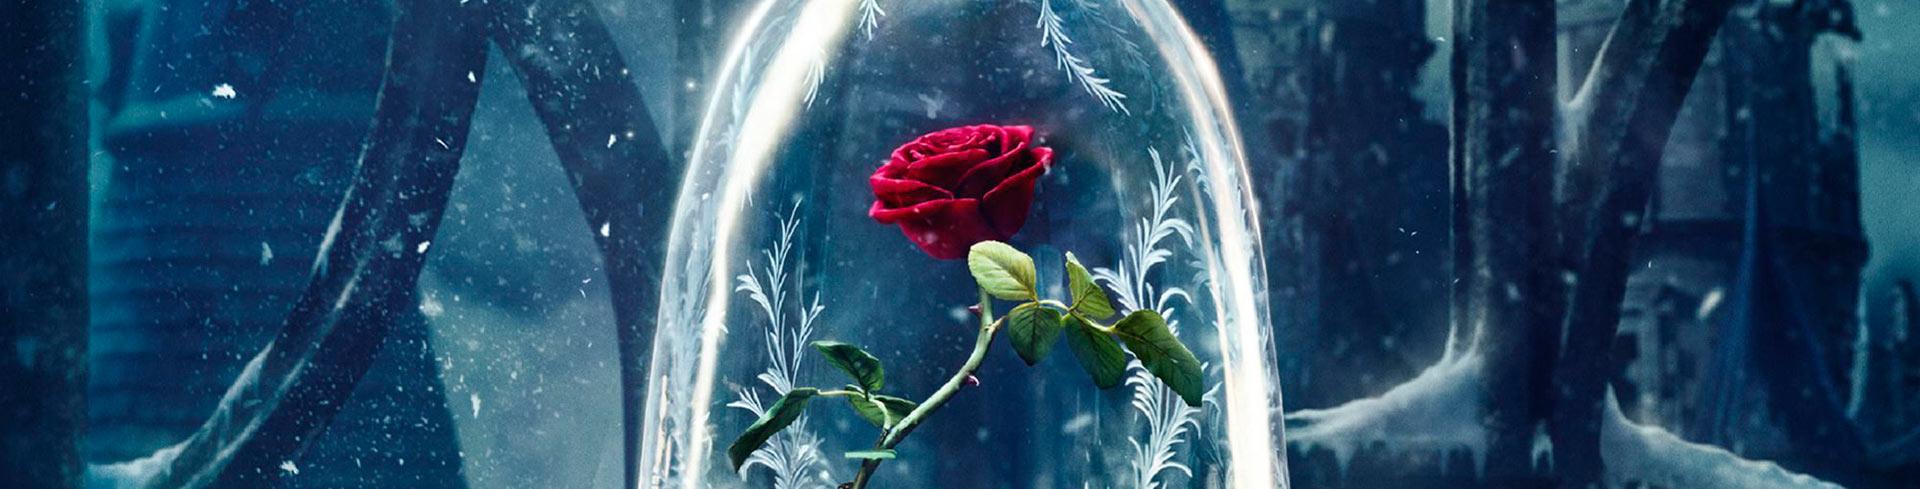 Comprar Rosa Bella y la Bestia